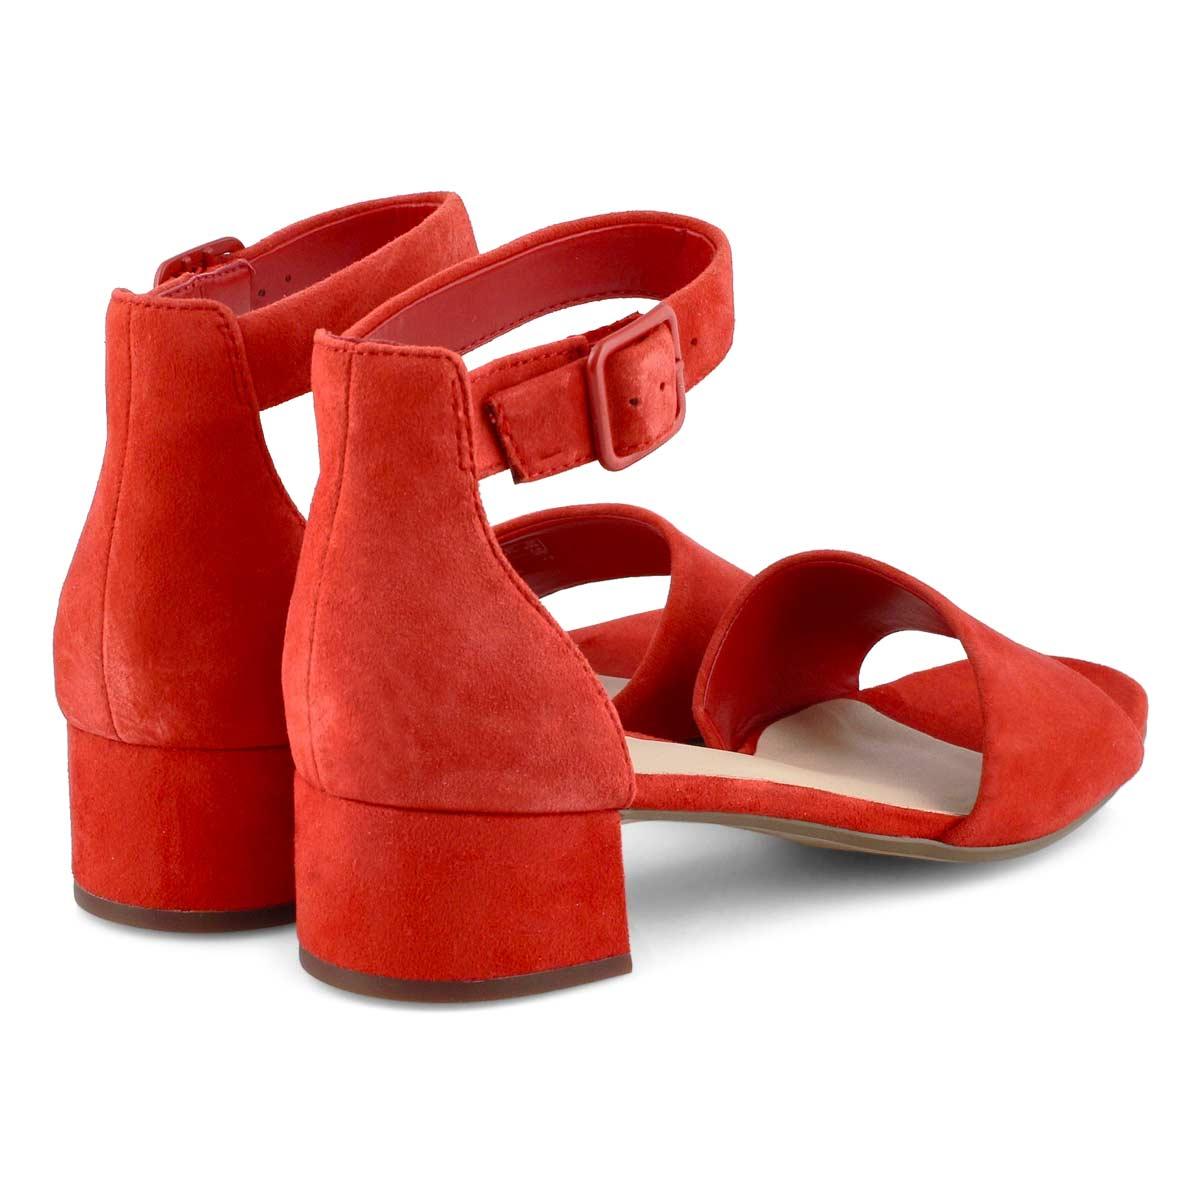 Sandale Elisa Dedra, rouge, femmes